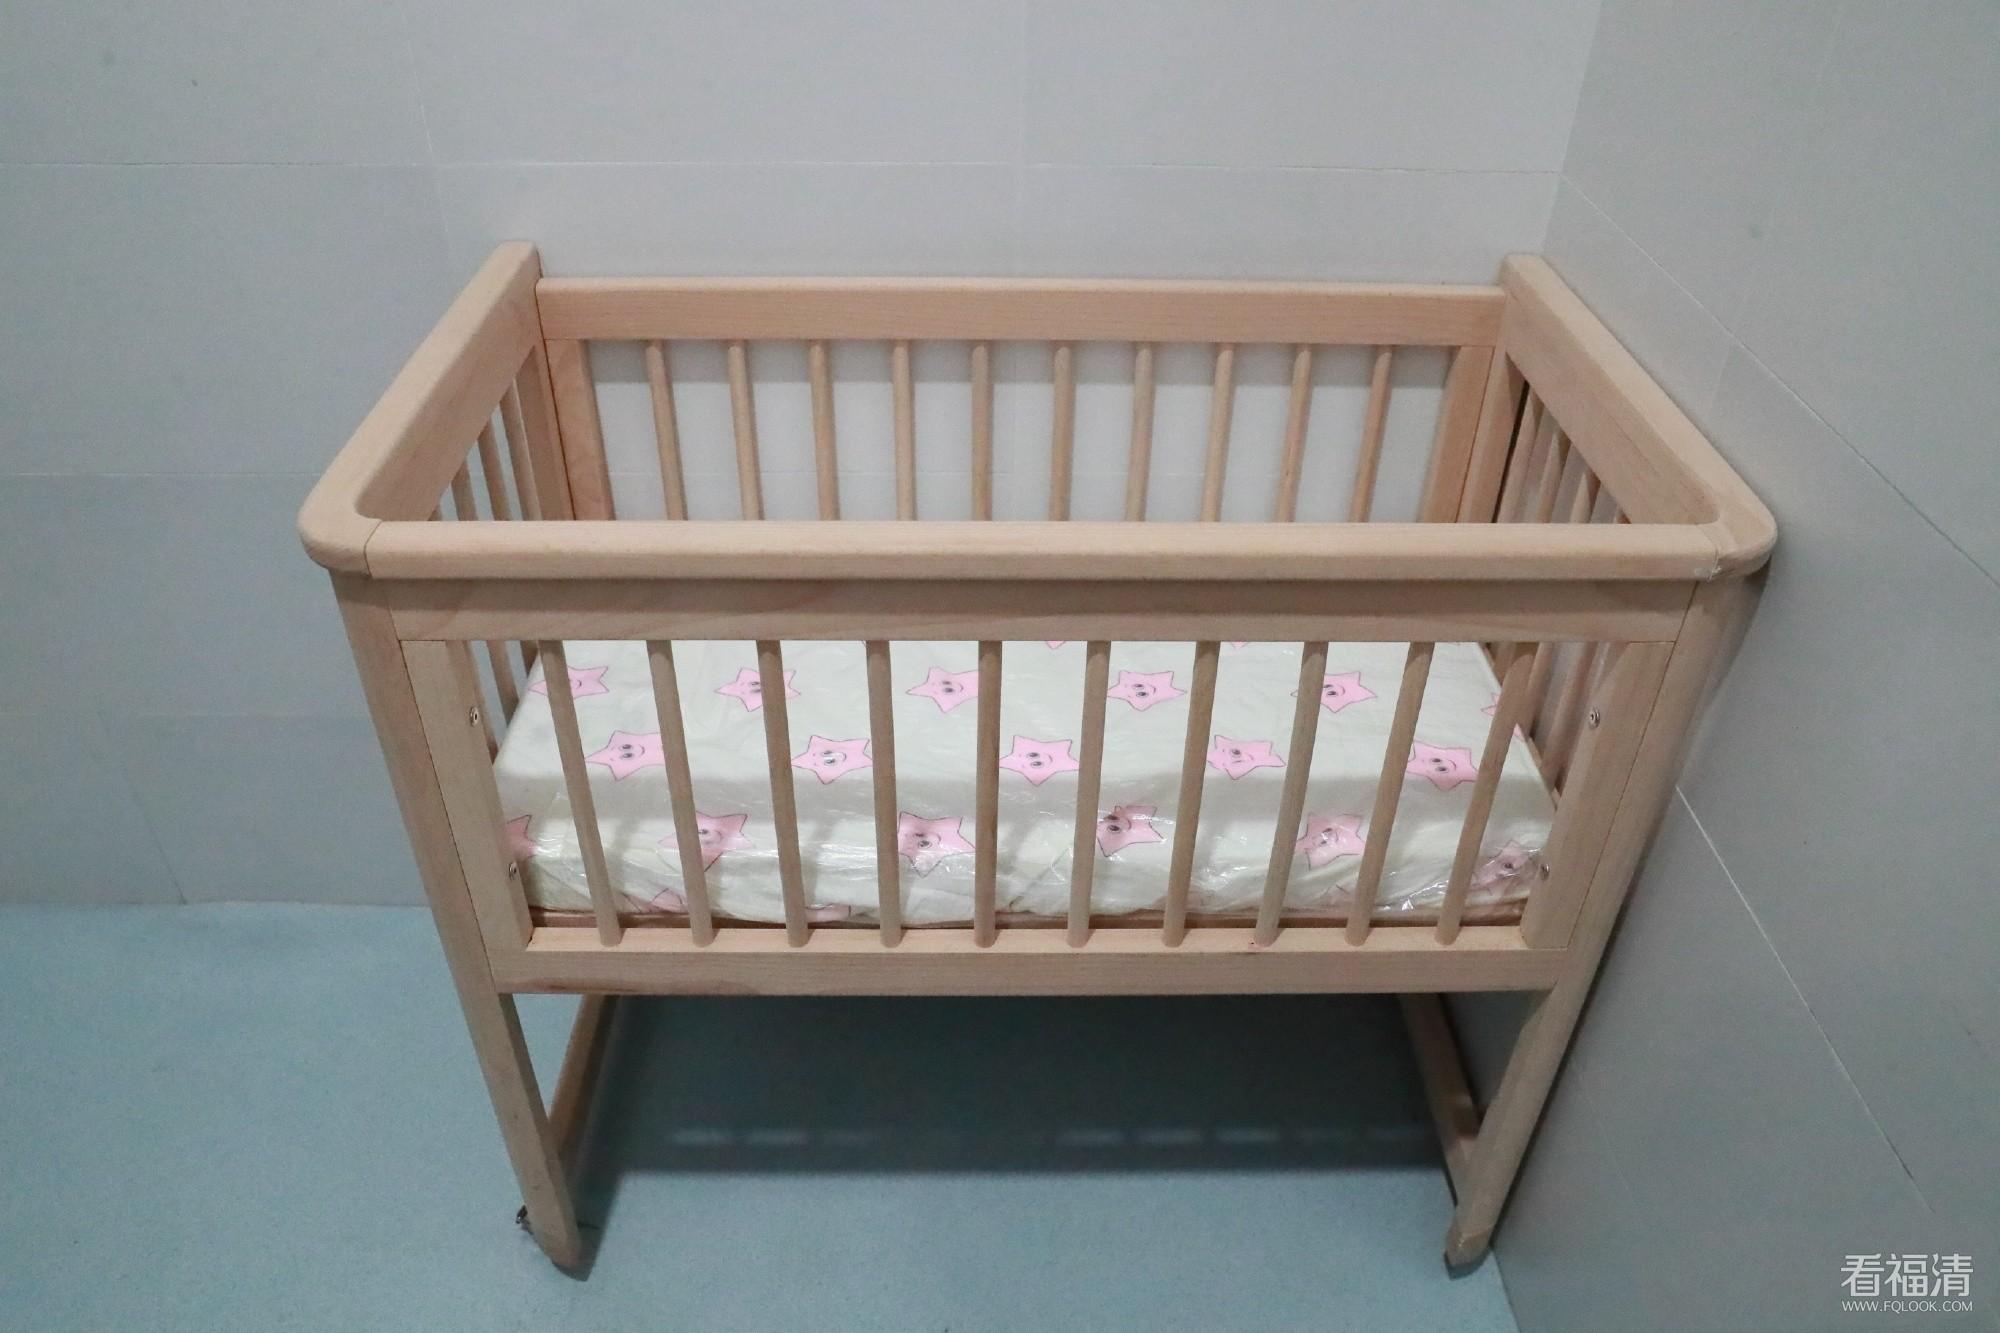 福清站是有母婴室的!带娃出行不用担心啦